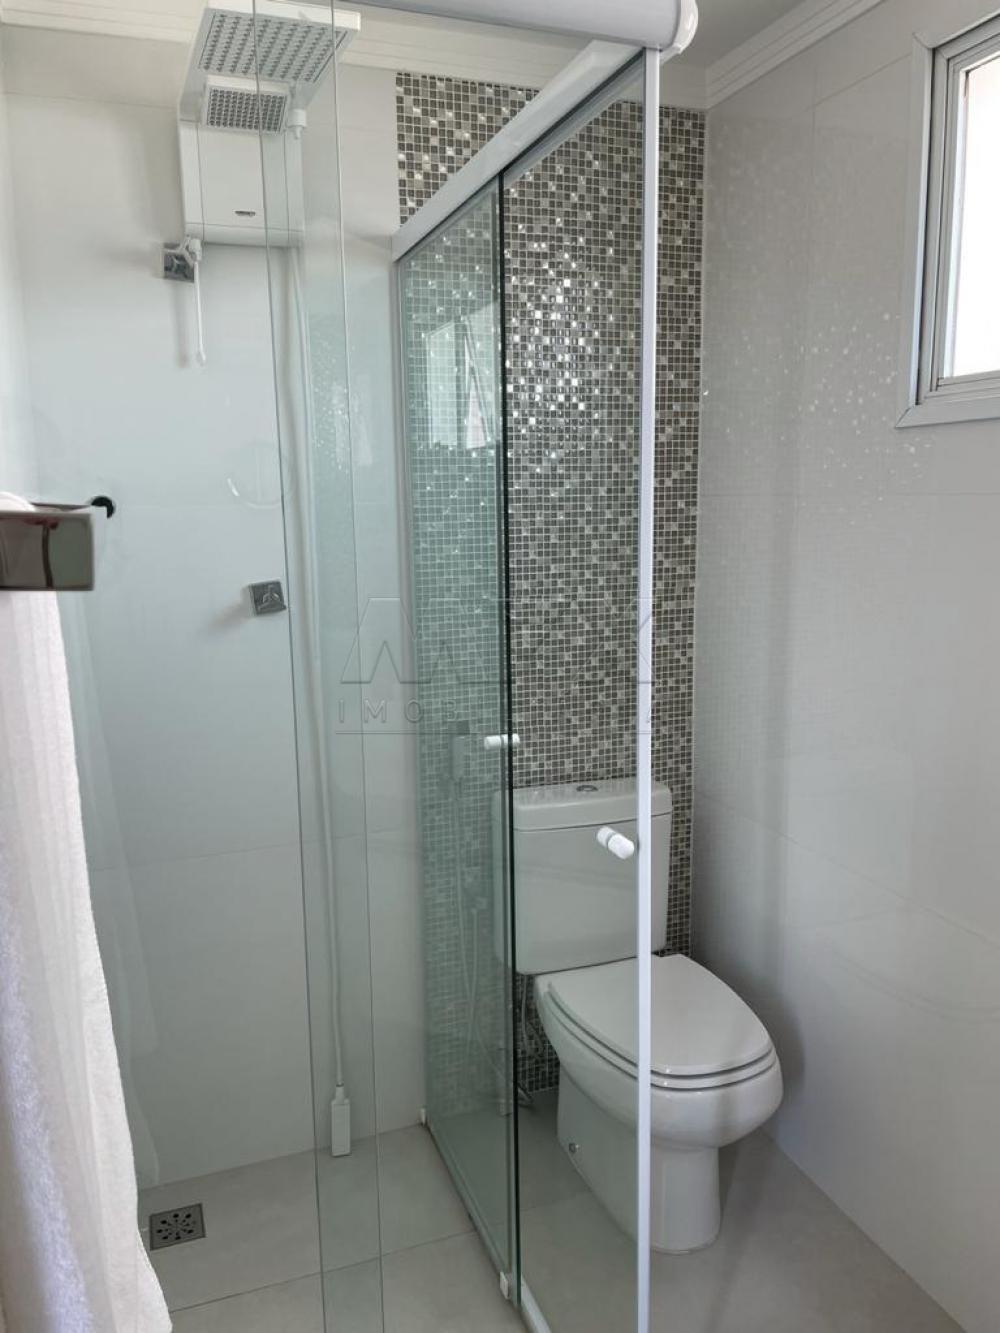 Comprar Apartamento / Padrão em Bauru R$ 420.000,00 - Foto 12